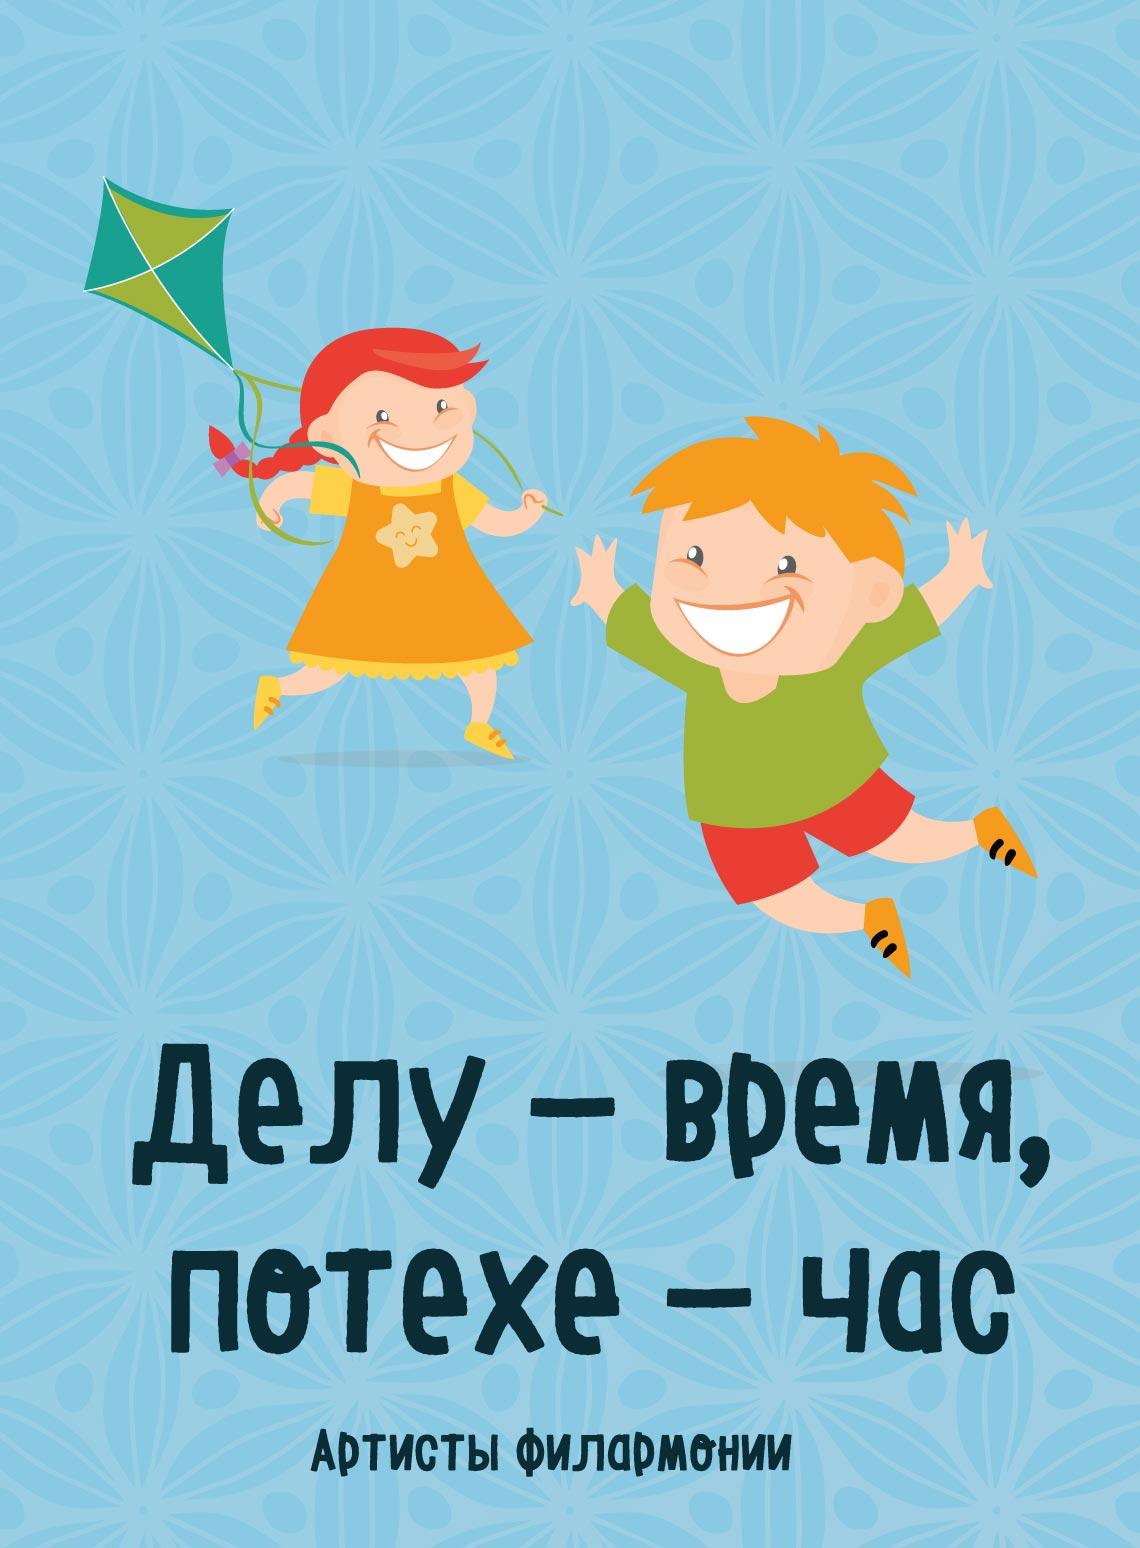 28 сентября  Детская музыкальная программа «Делу - время, потехе - час»